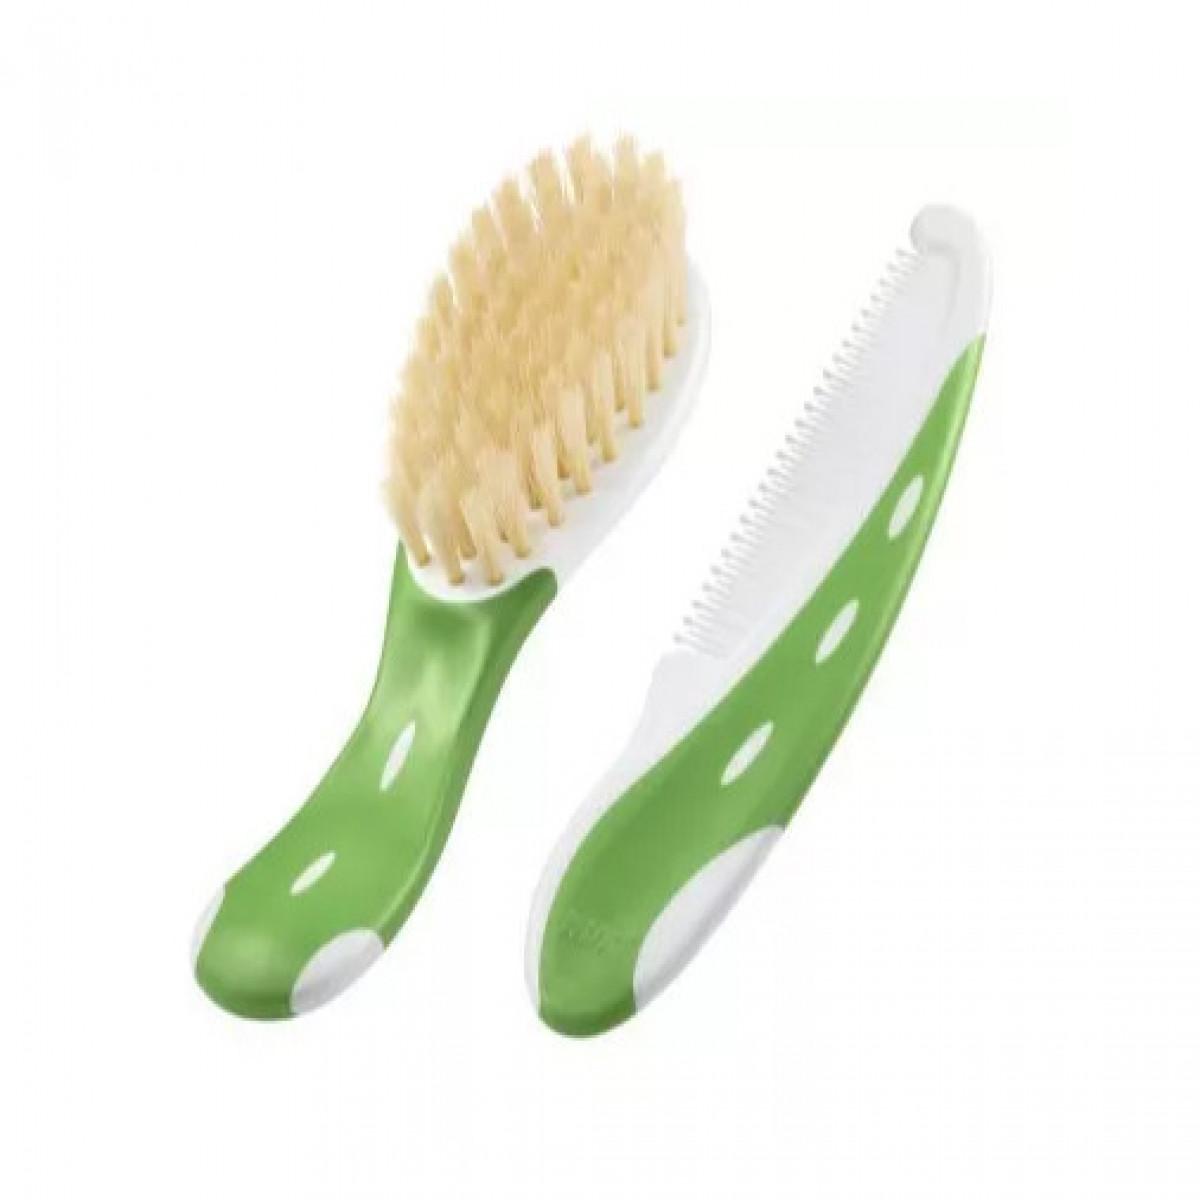 Cepillo natural y peine  Nuk verde